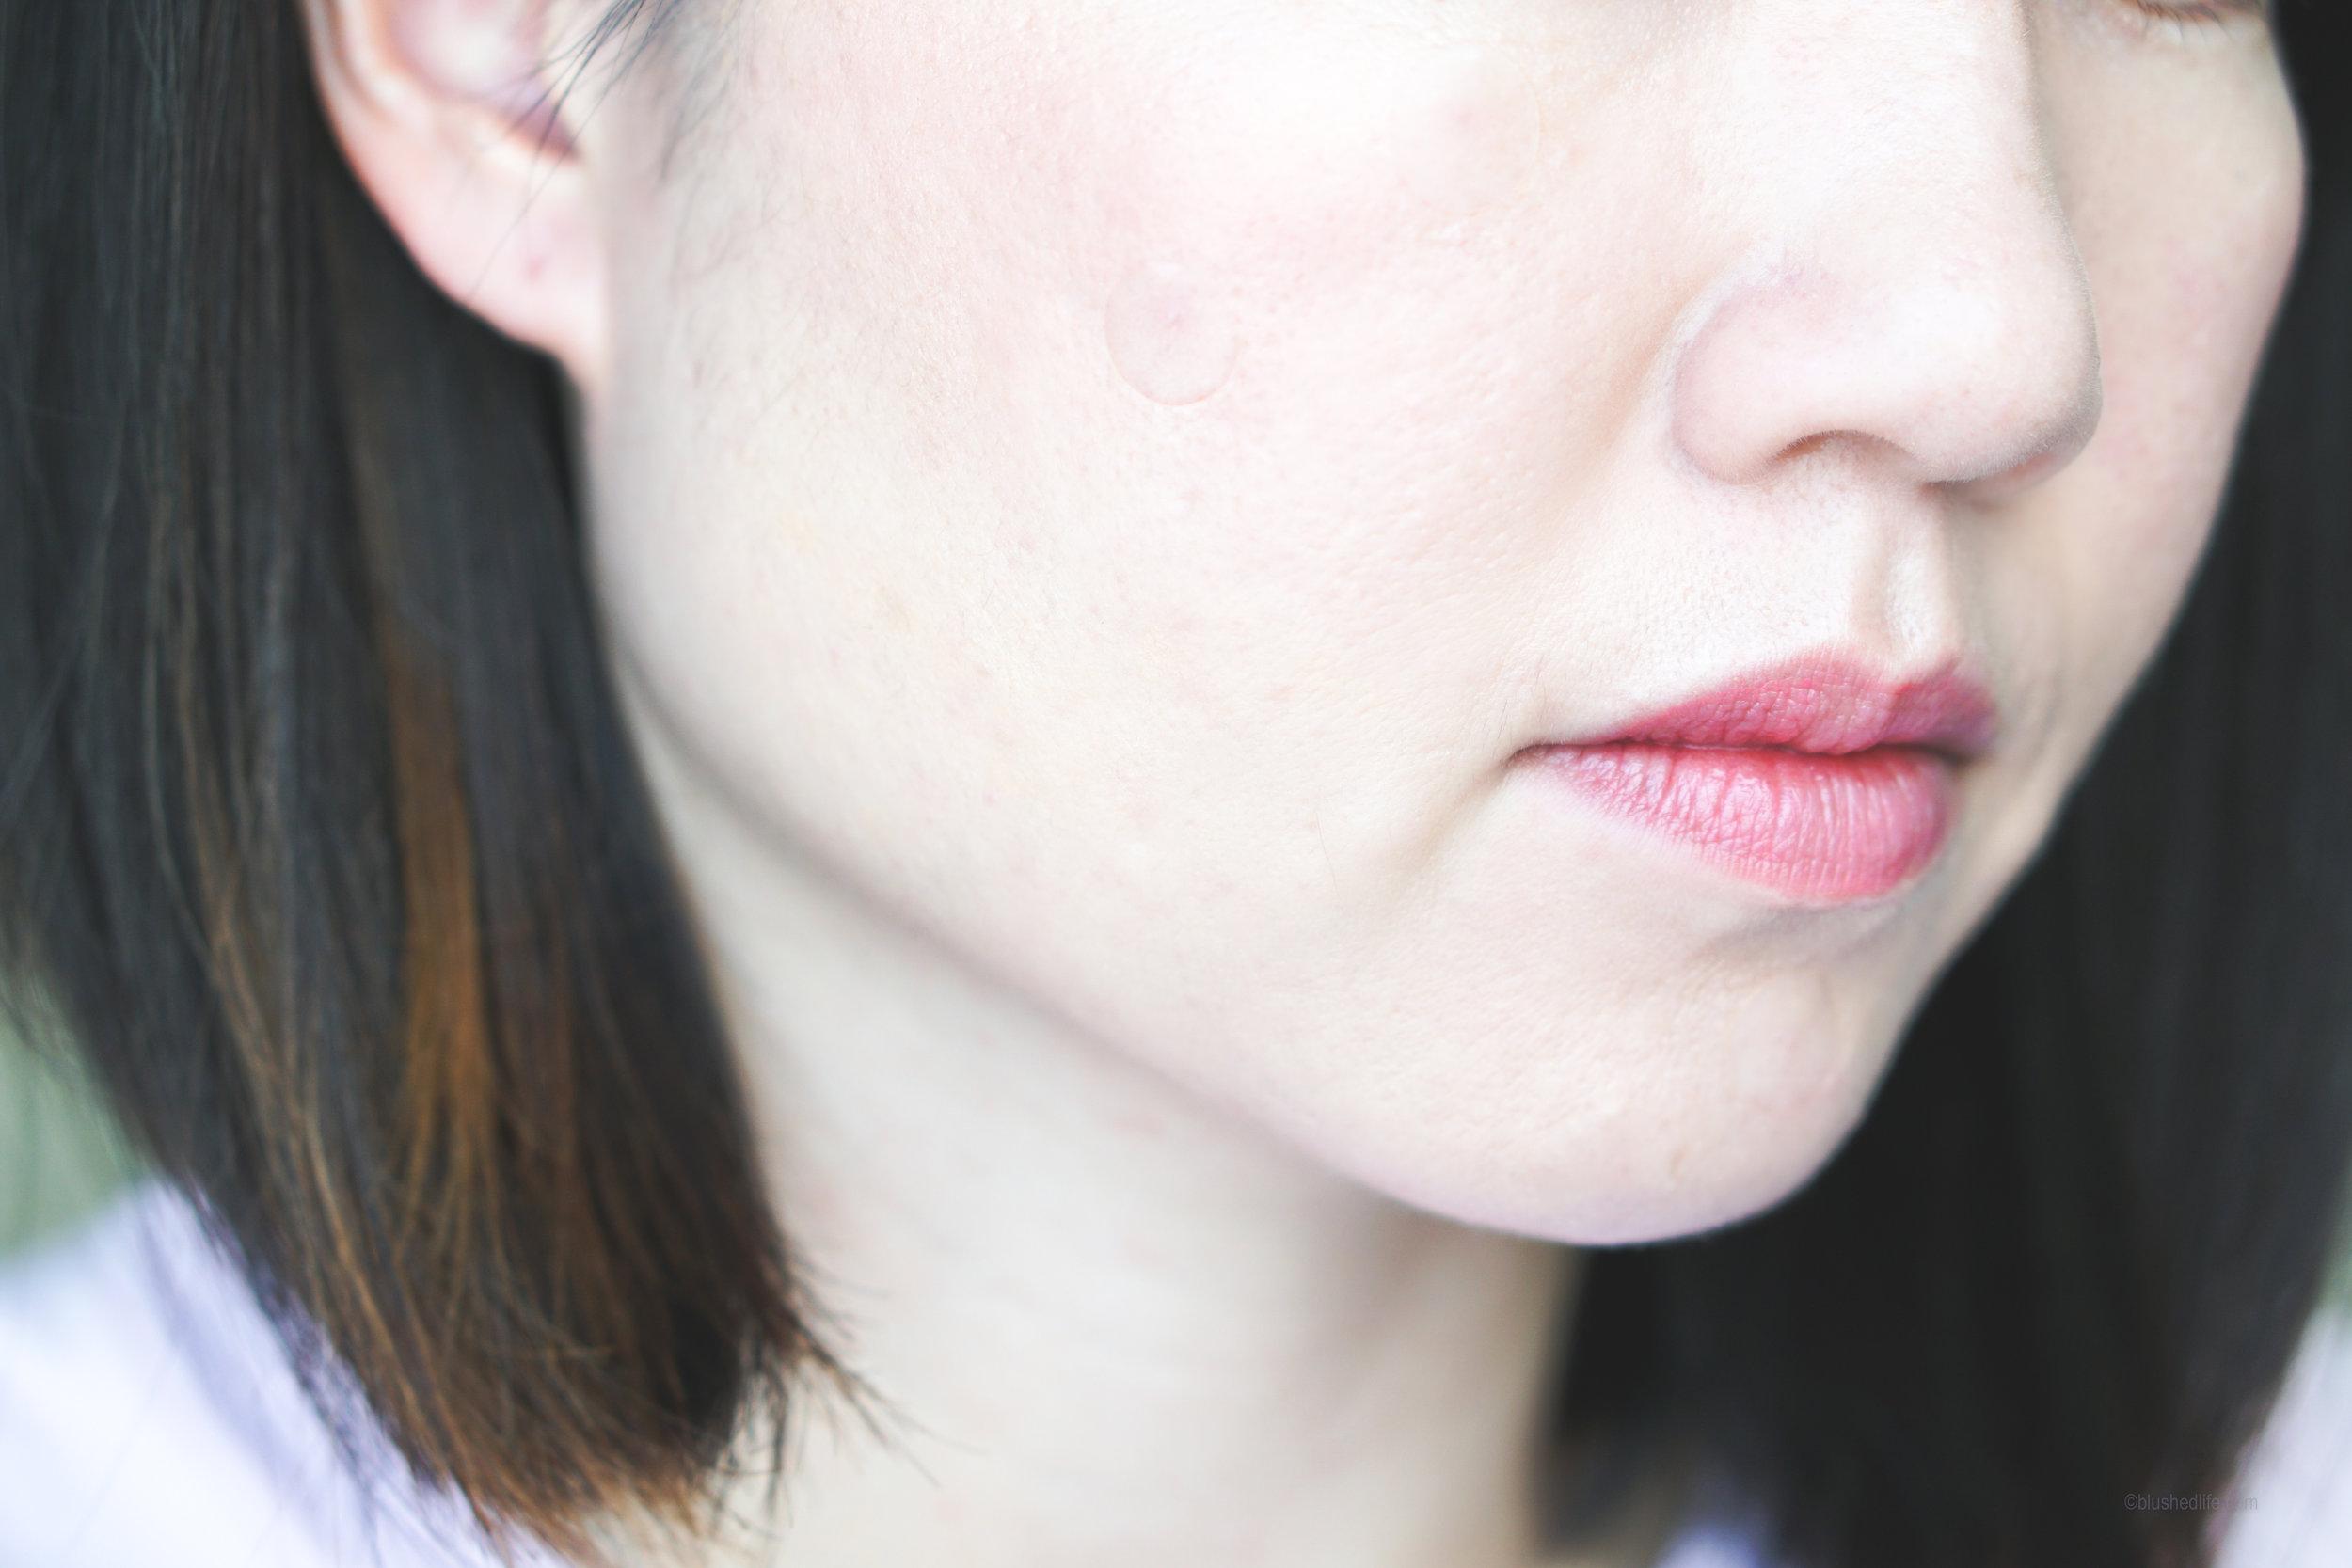 Best Pimple Patches Review Comparison_DSC07284-2.jpg